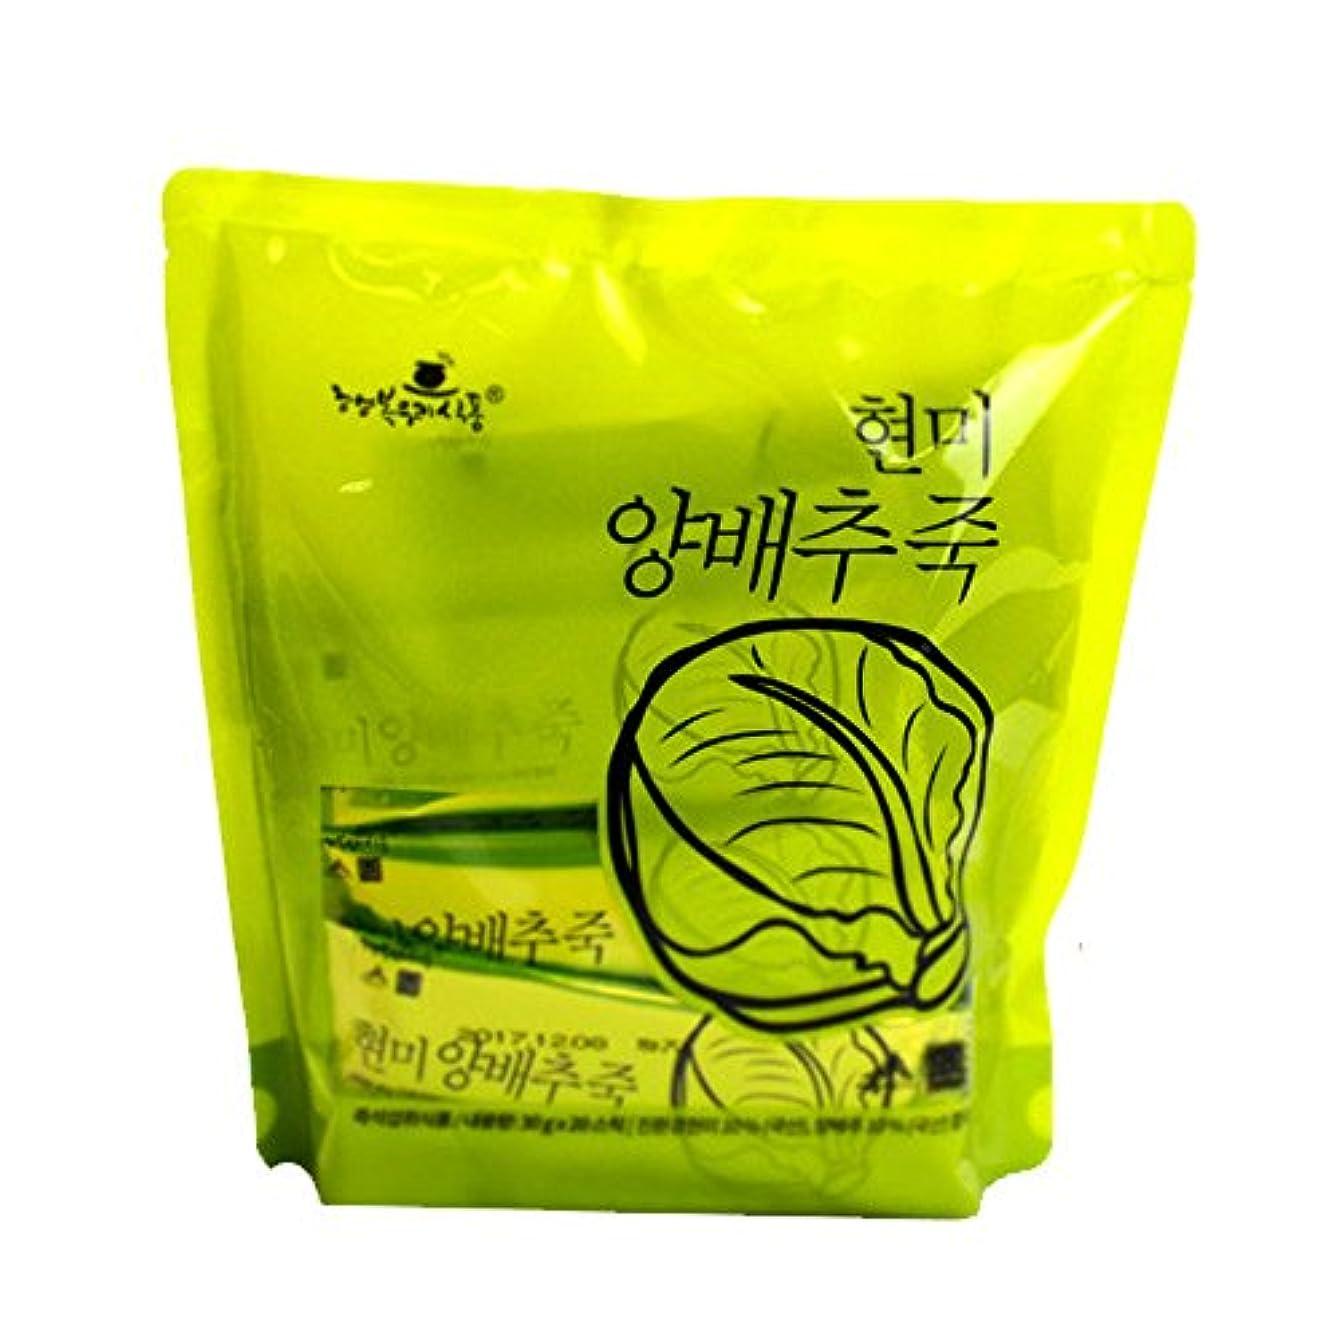 フレキシブル有効拒否1袋110Kcalのお手軽インスタント韓国粥/玄米白菜粥(30g×20袋)